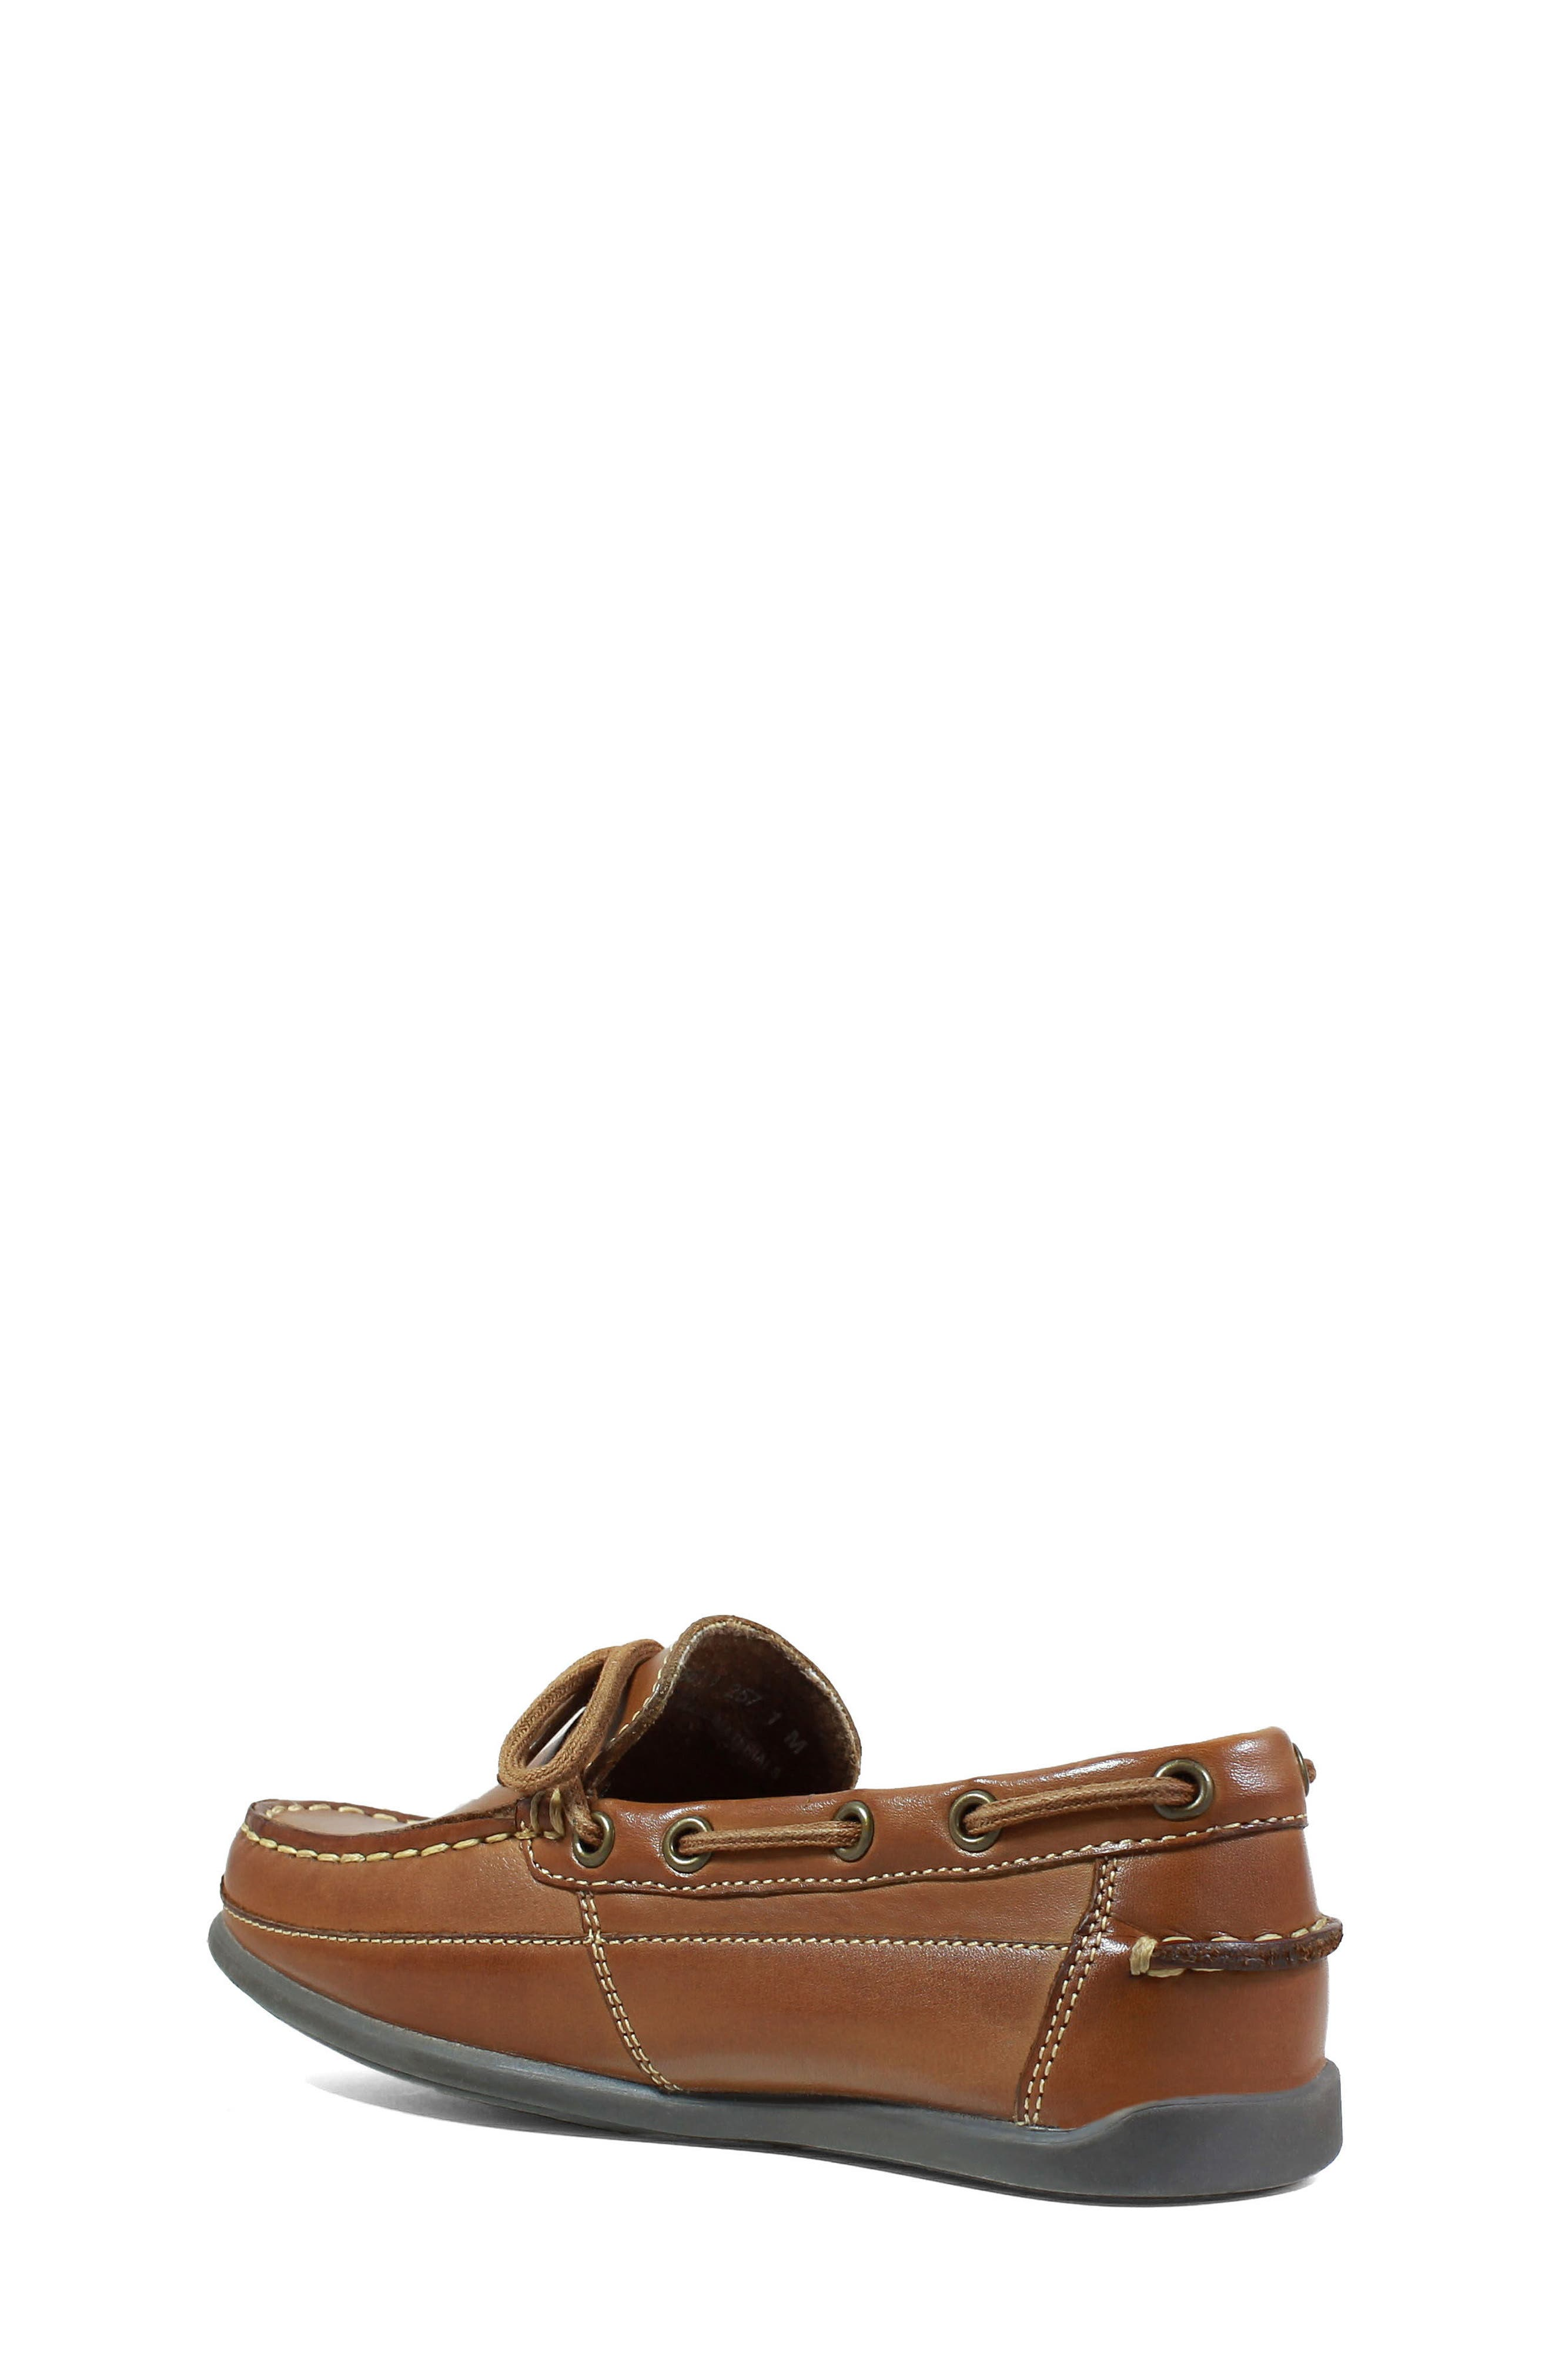 FLORSHEIM, Jasper Boat Shoe, Alternate thumbnail 2, color, SADDLE TAN